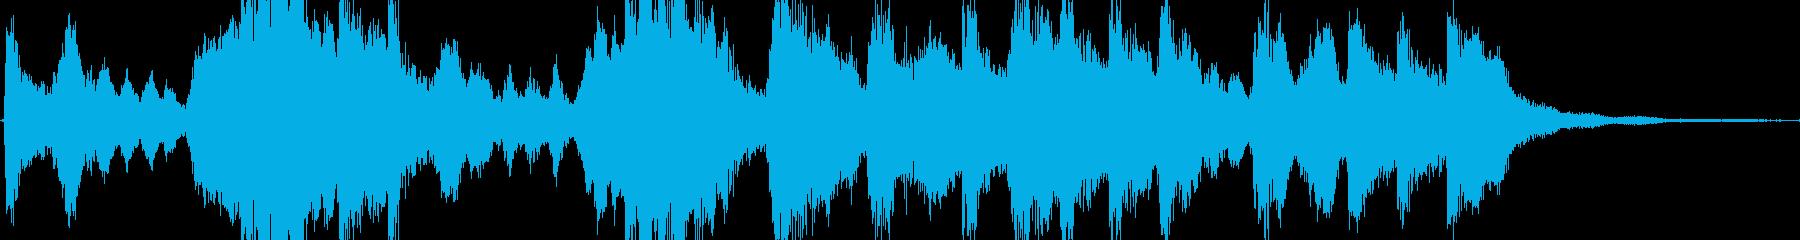 華やかに祝福するイメージのジングルの再生済みの波形